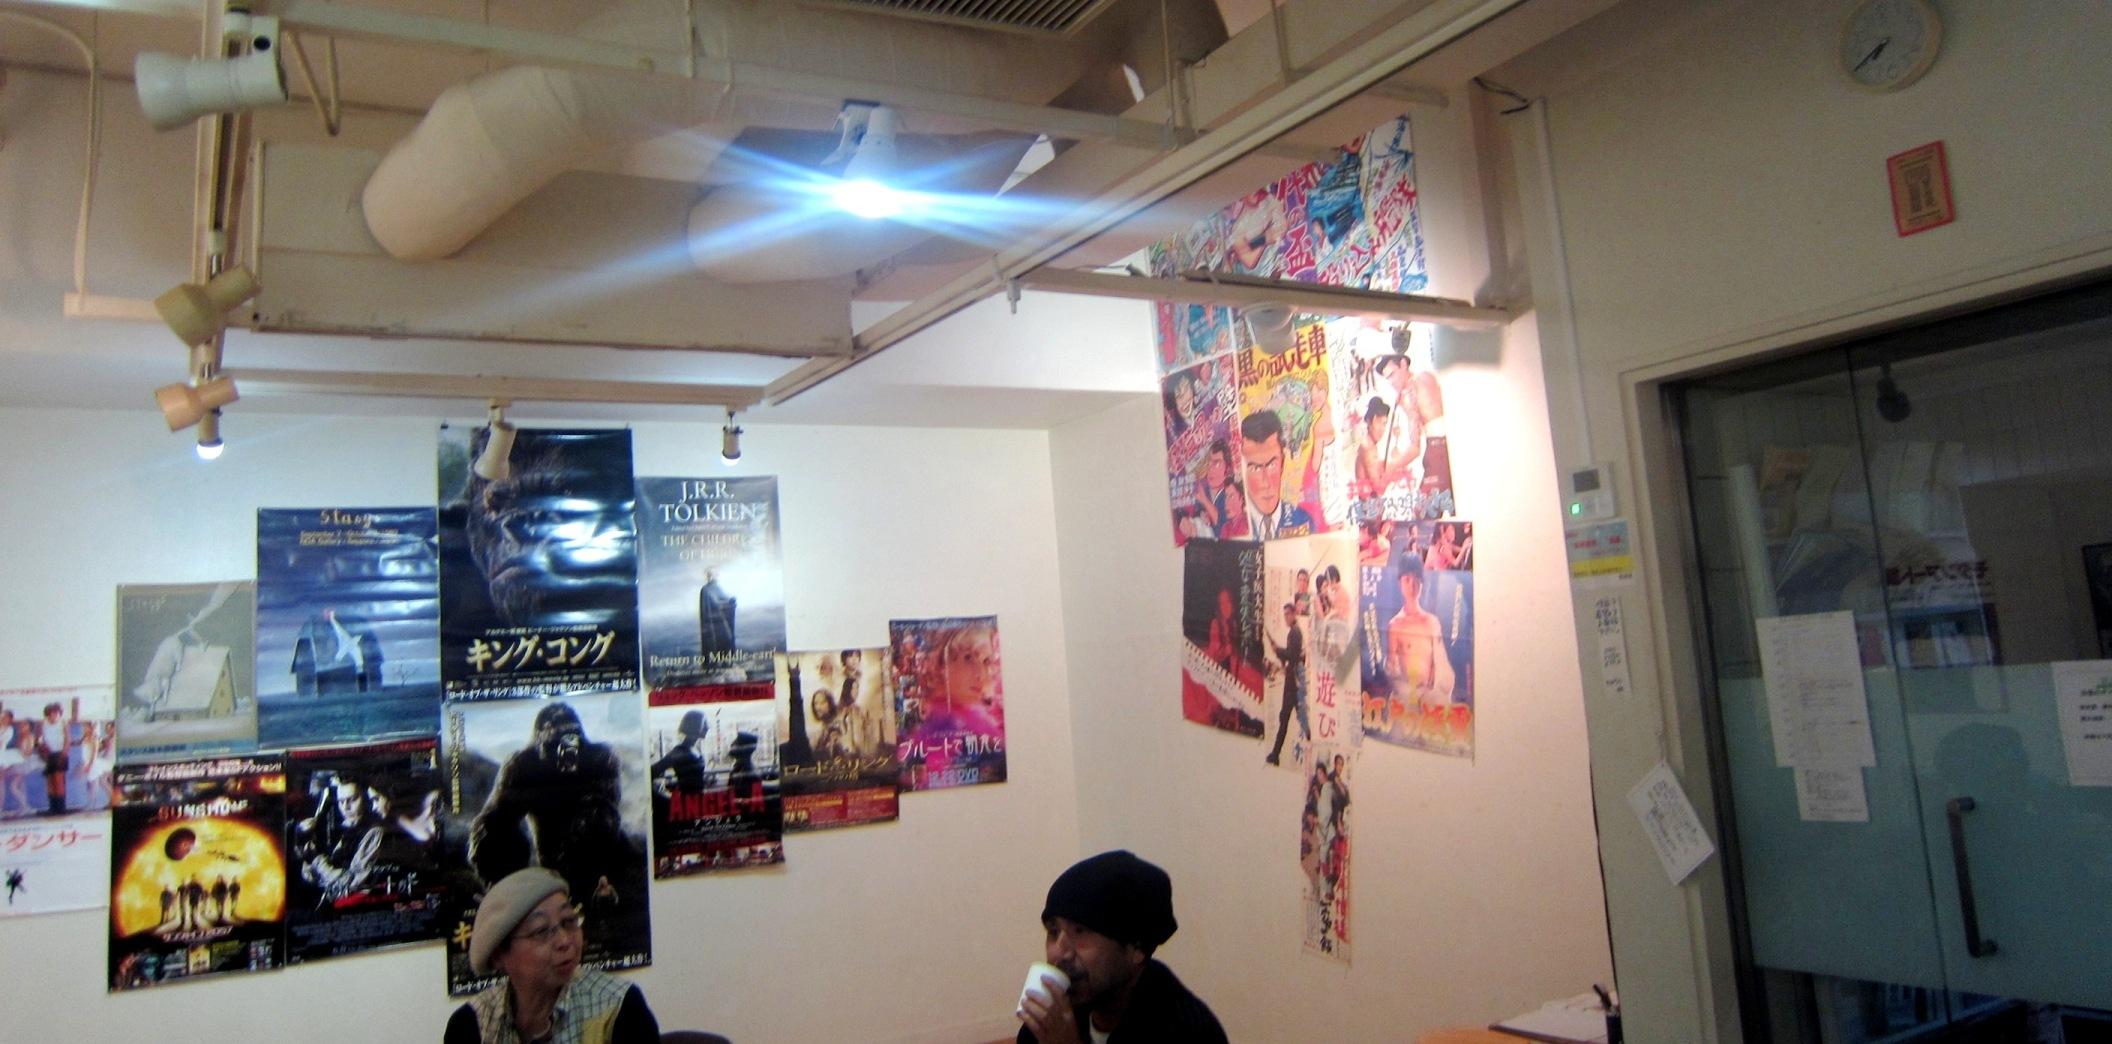 2075)①「ポスターコレクション展」 たぴお 5月27日(月)~6月1日(土)_f0126829_11362380.jpg